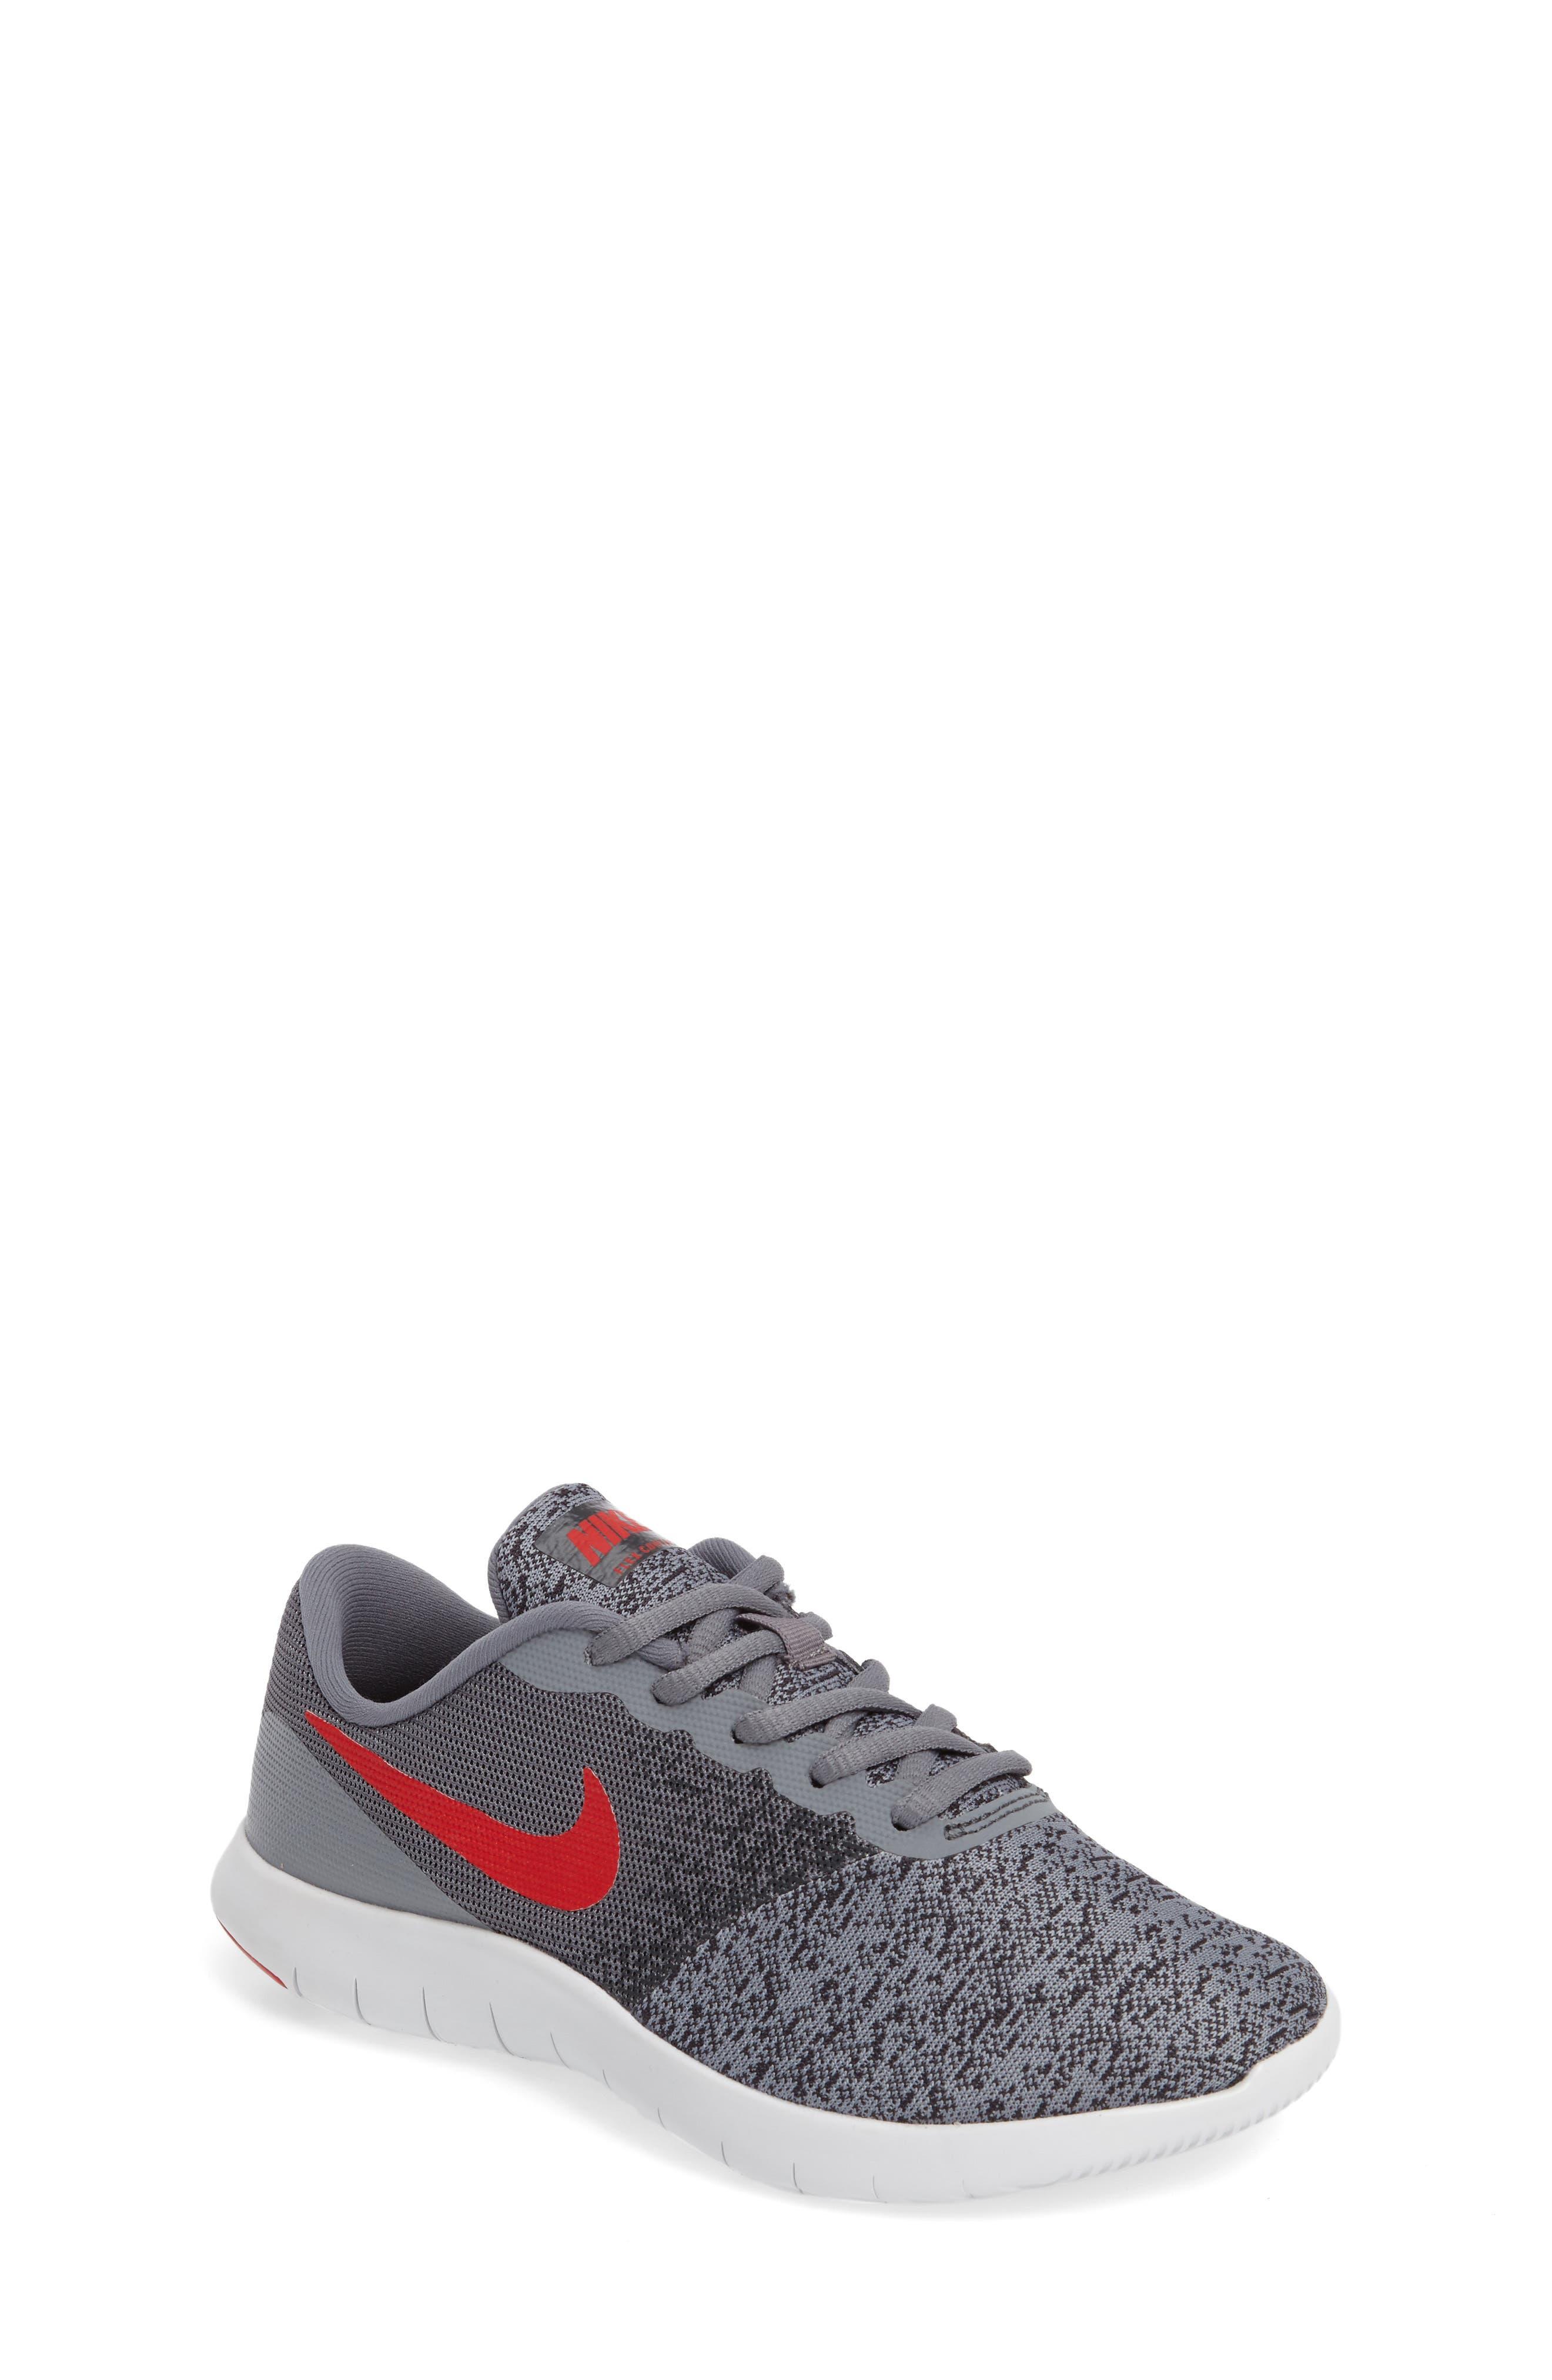 Alternate Image 1 Selected - Nike Flex Contact Running Shoe (Big Kid) (Regular Retail Price: $65.00)